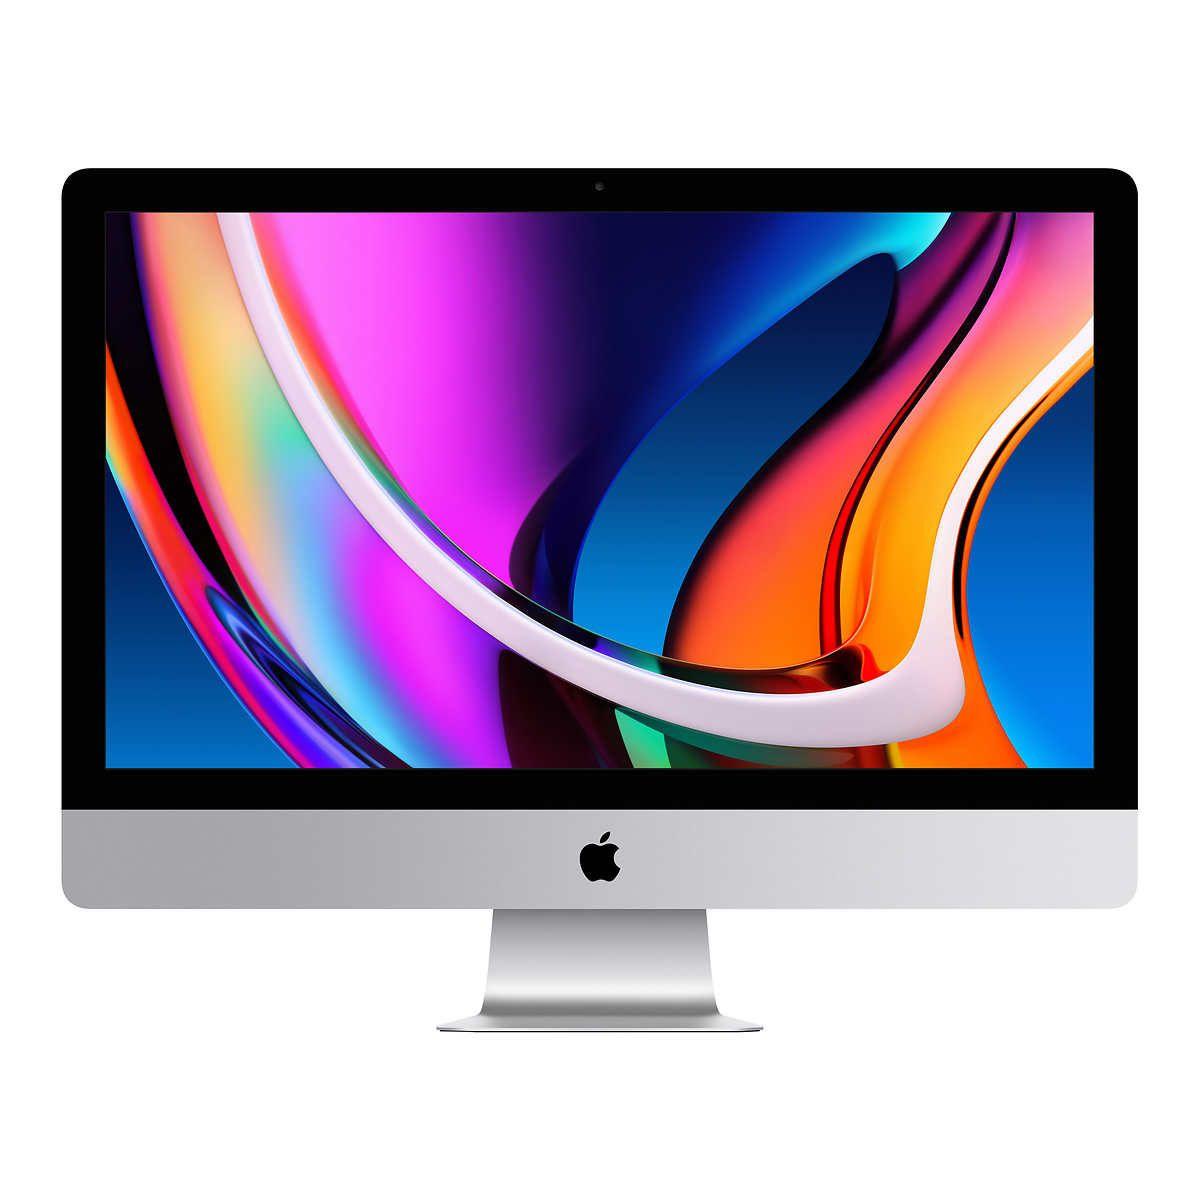 Apple Imac 27 10th Gen Intel Core I5 8gb Memory 256gb Ssd In 2021 Apple Desktop Imac Apple Computer